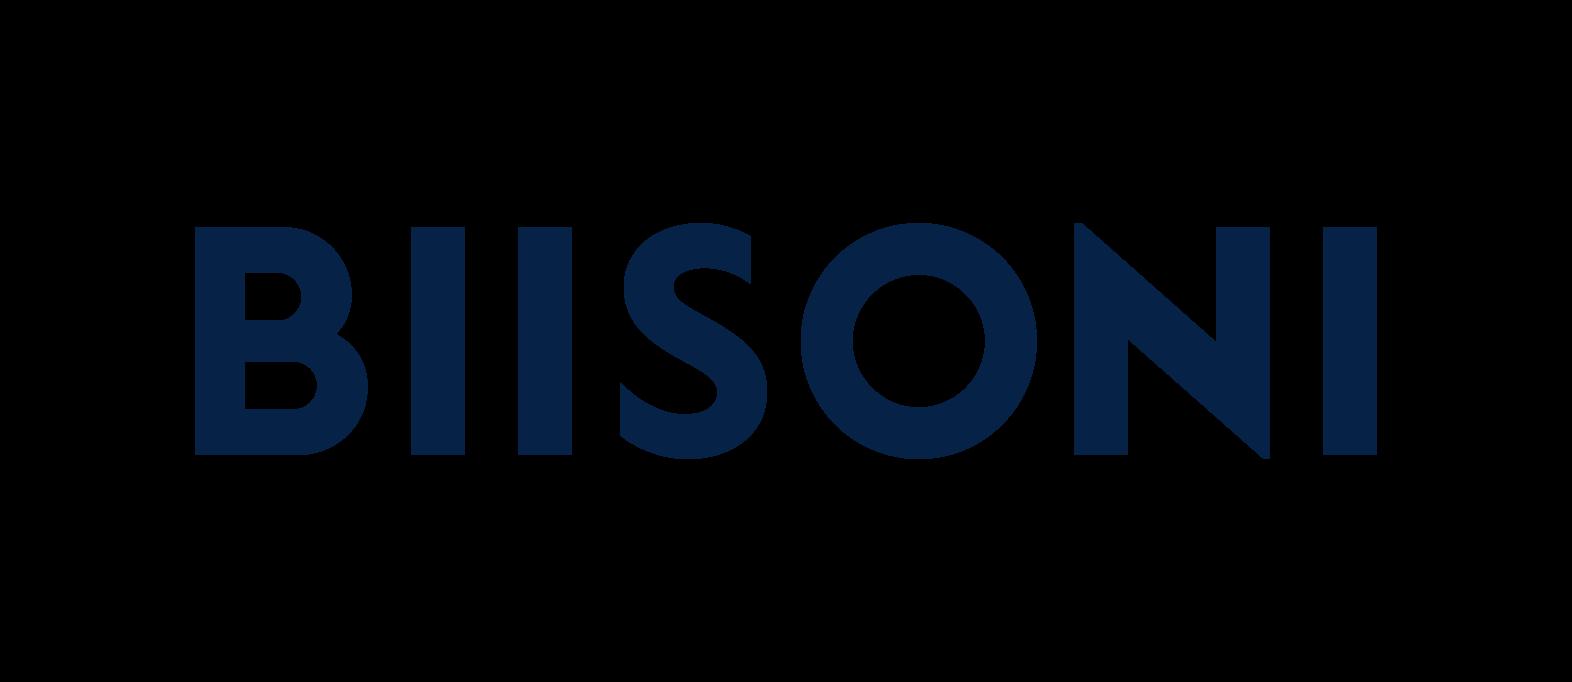 Biisoni logo